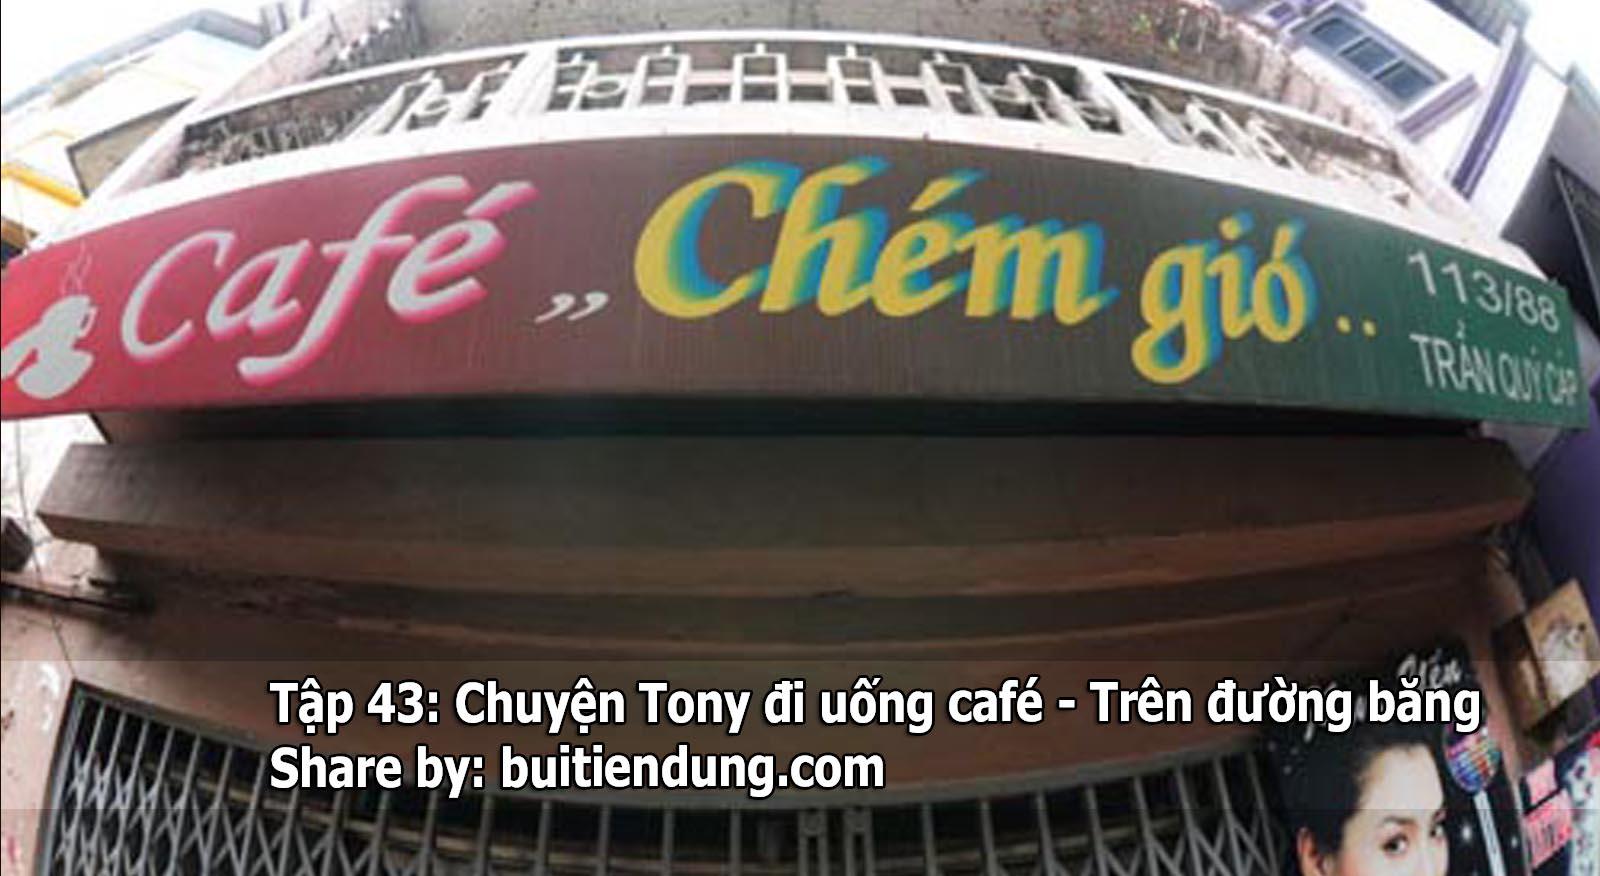 Tập 43: Chuyện Tony đi uống café – Trên đường băng